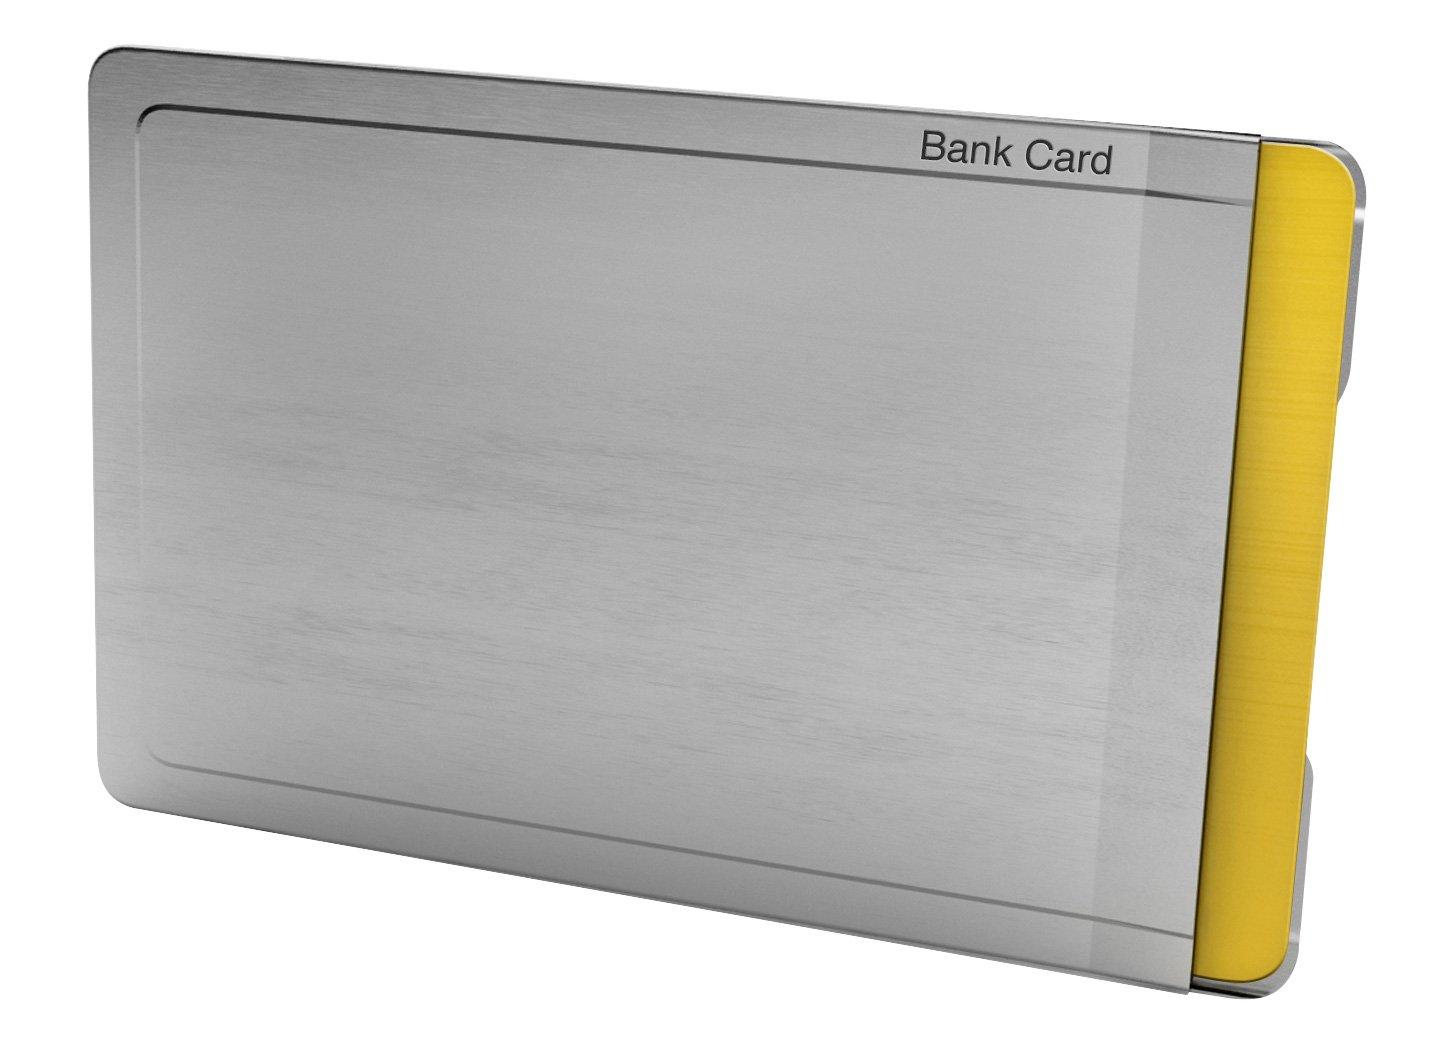 CardTresor Note Kartenschutzhülle mit Randbeschriftung EC-Karte, RFID/NFC-Schutz BMK Innovationen EC005AE